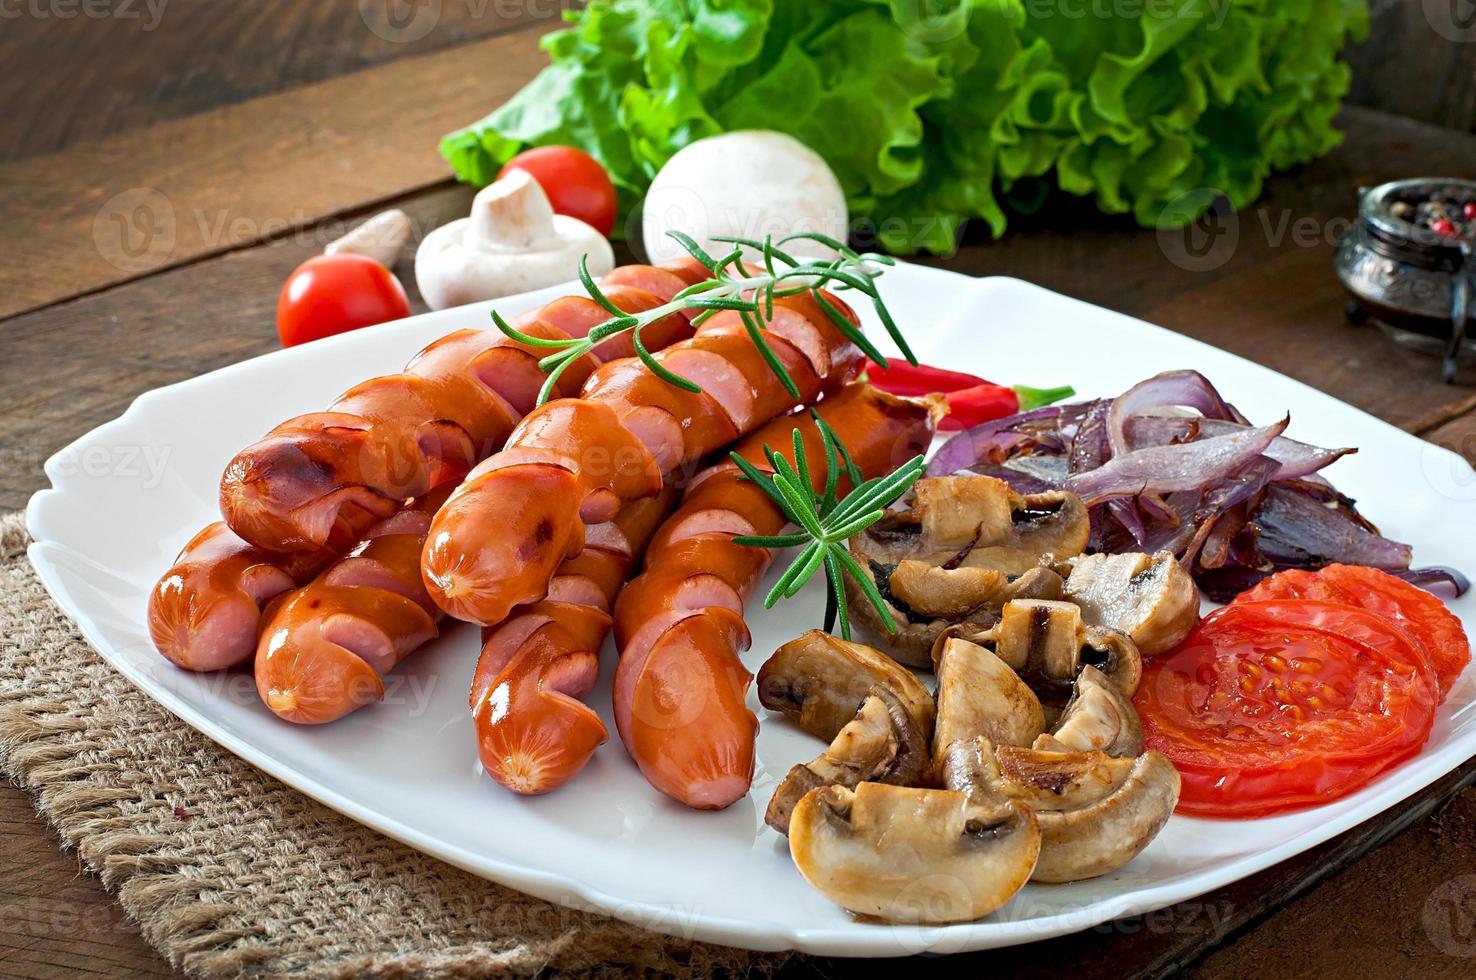 salsichas fritas com legumes em um prato branco foto